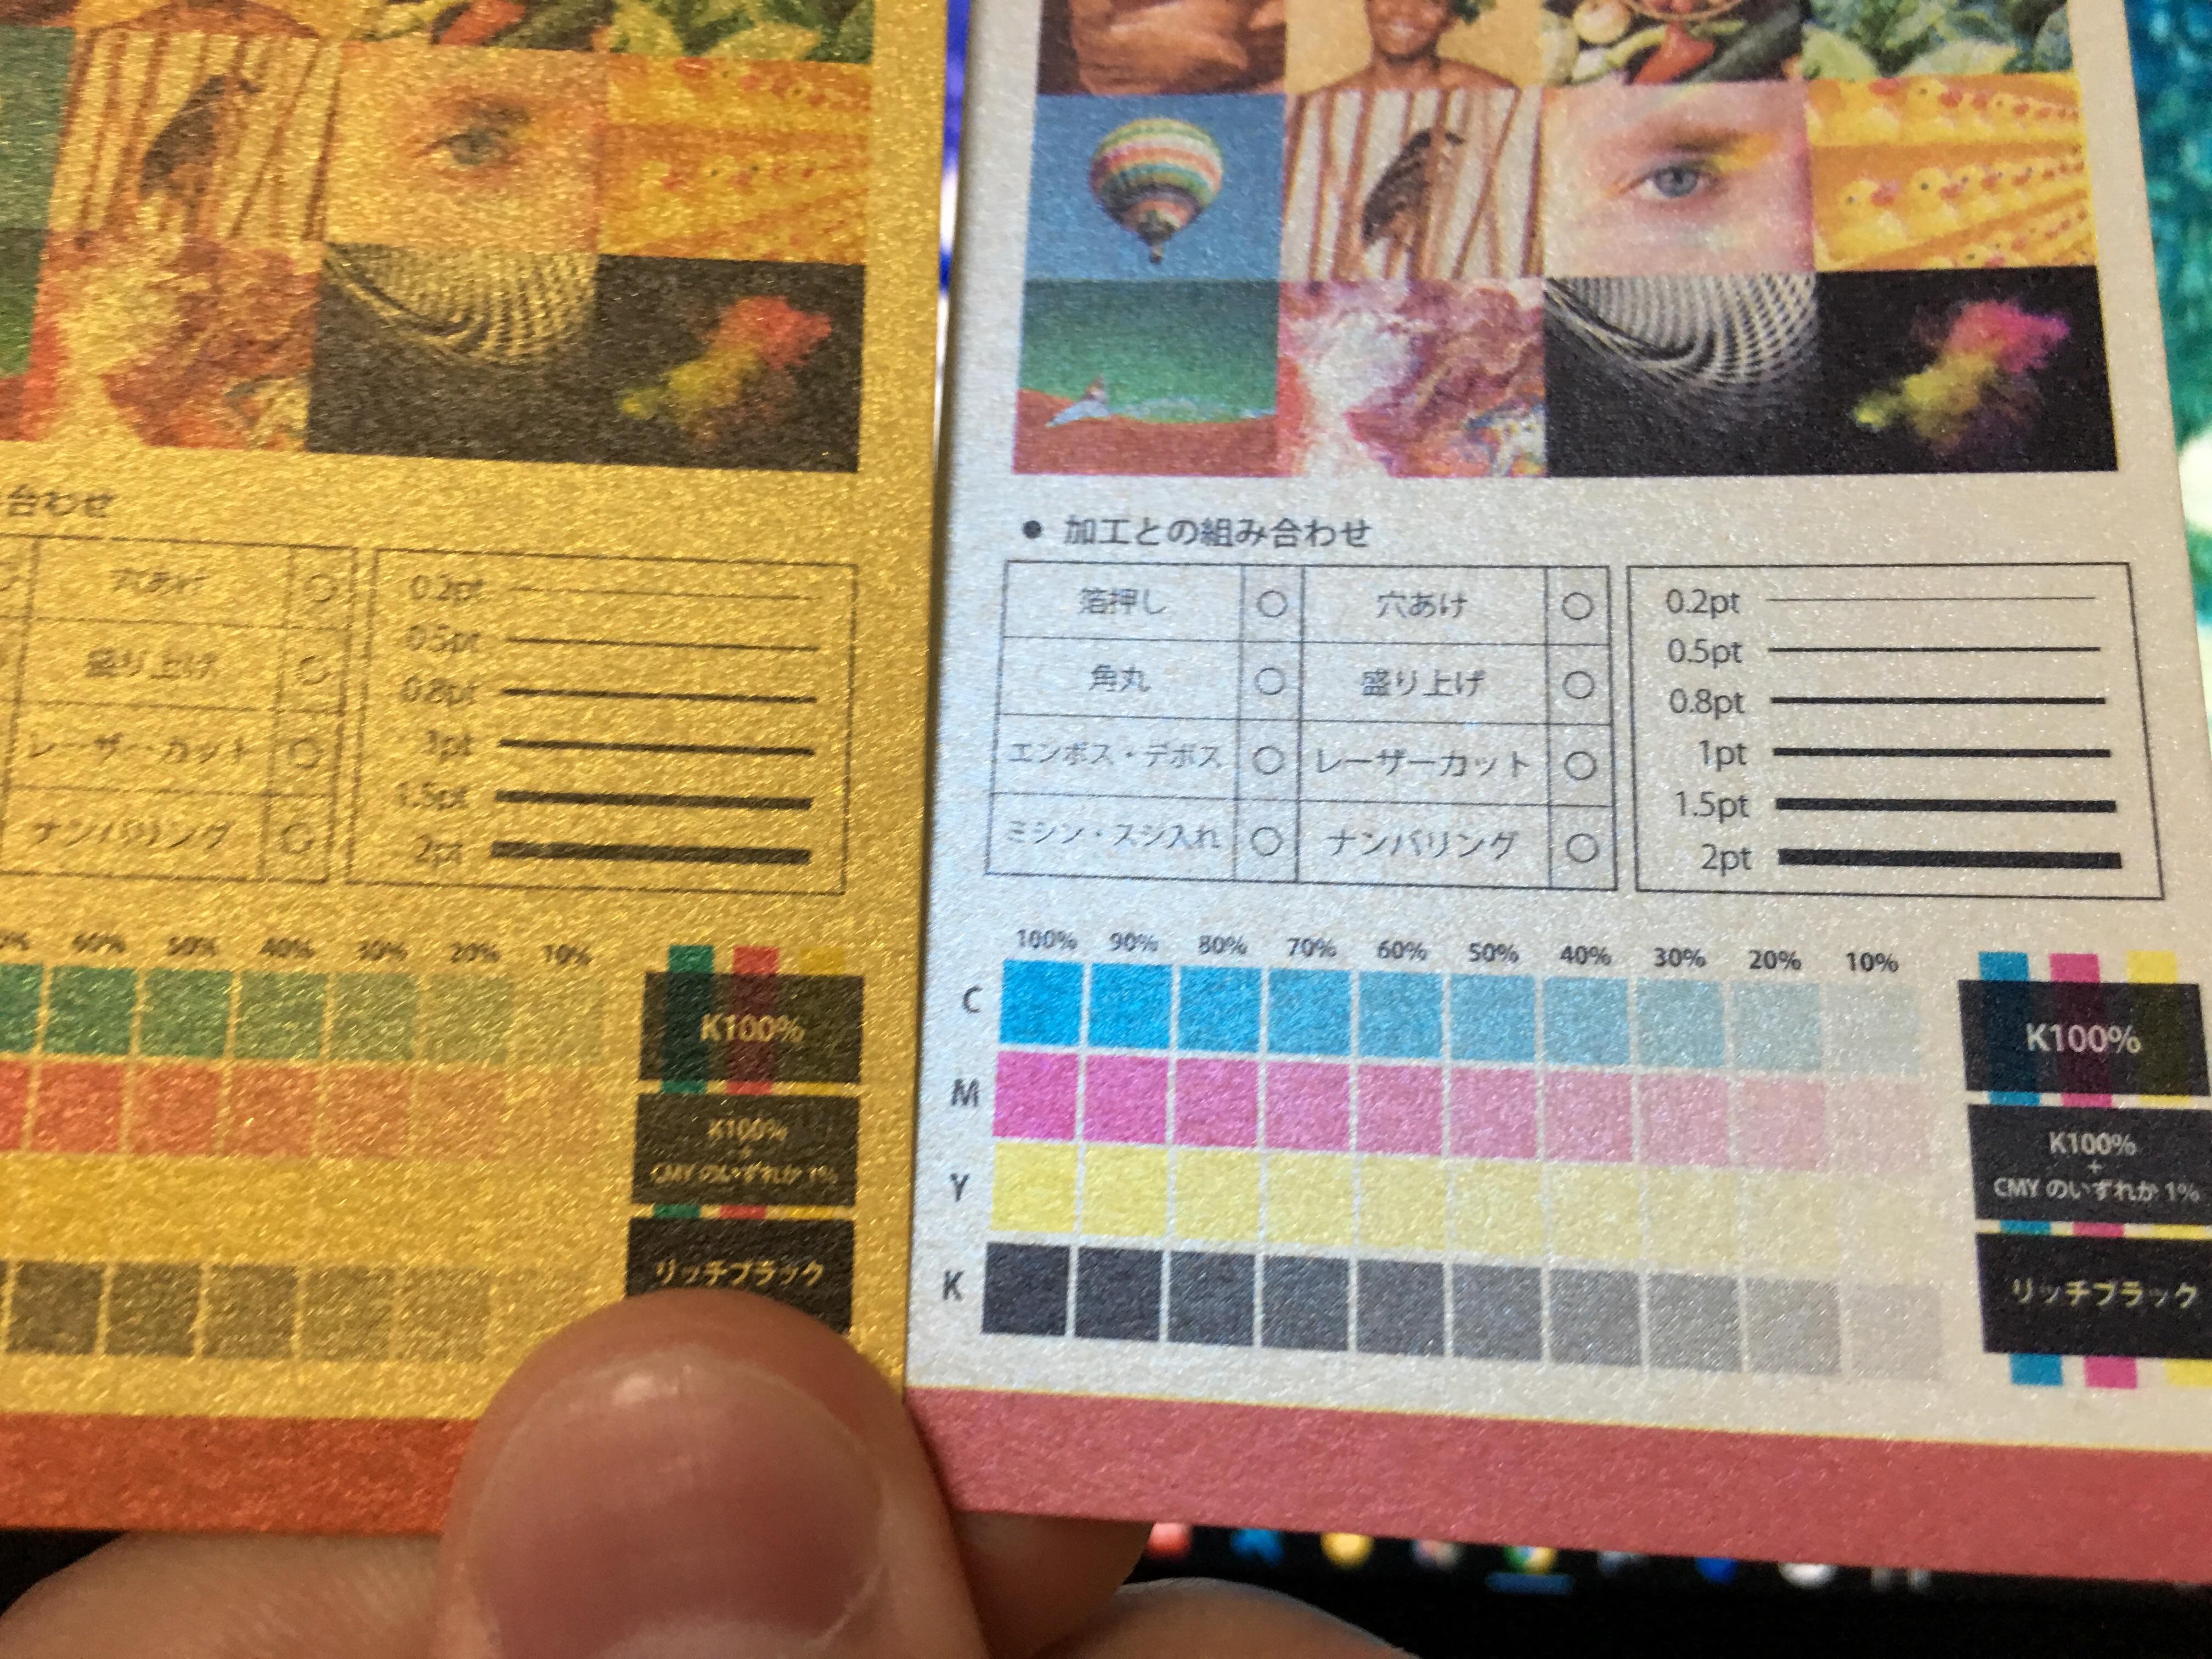 f:id:SeisoSakuya:20190616182359j:image